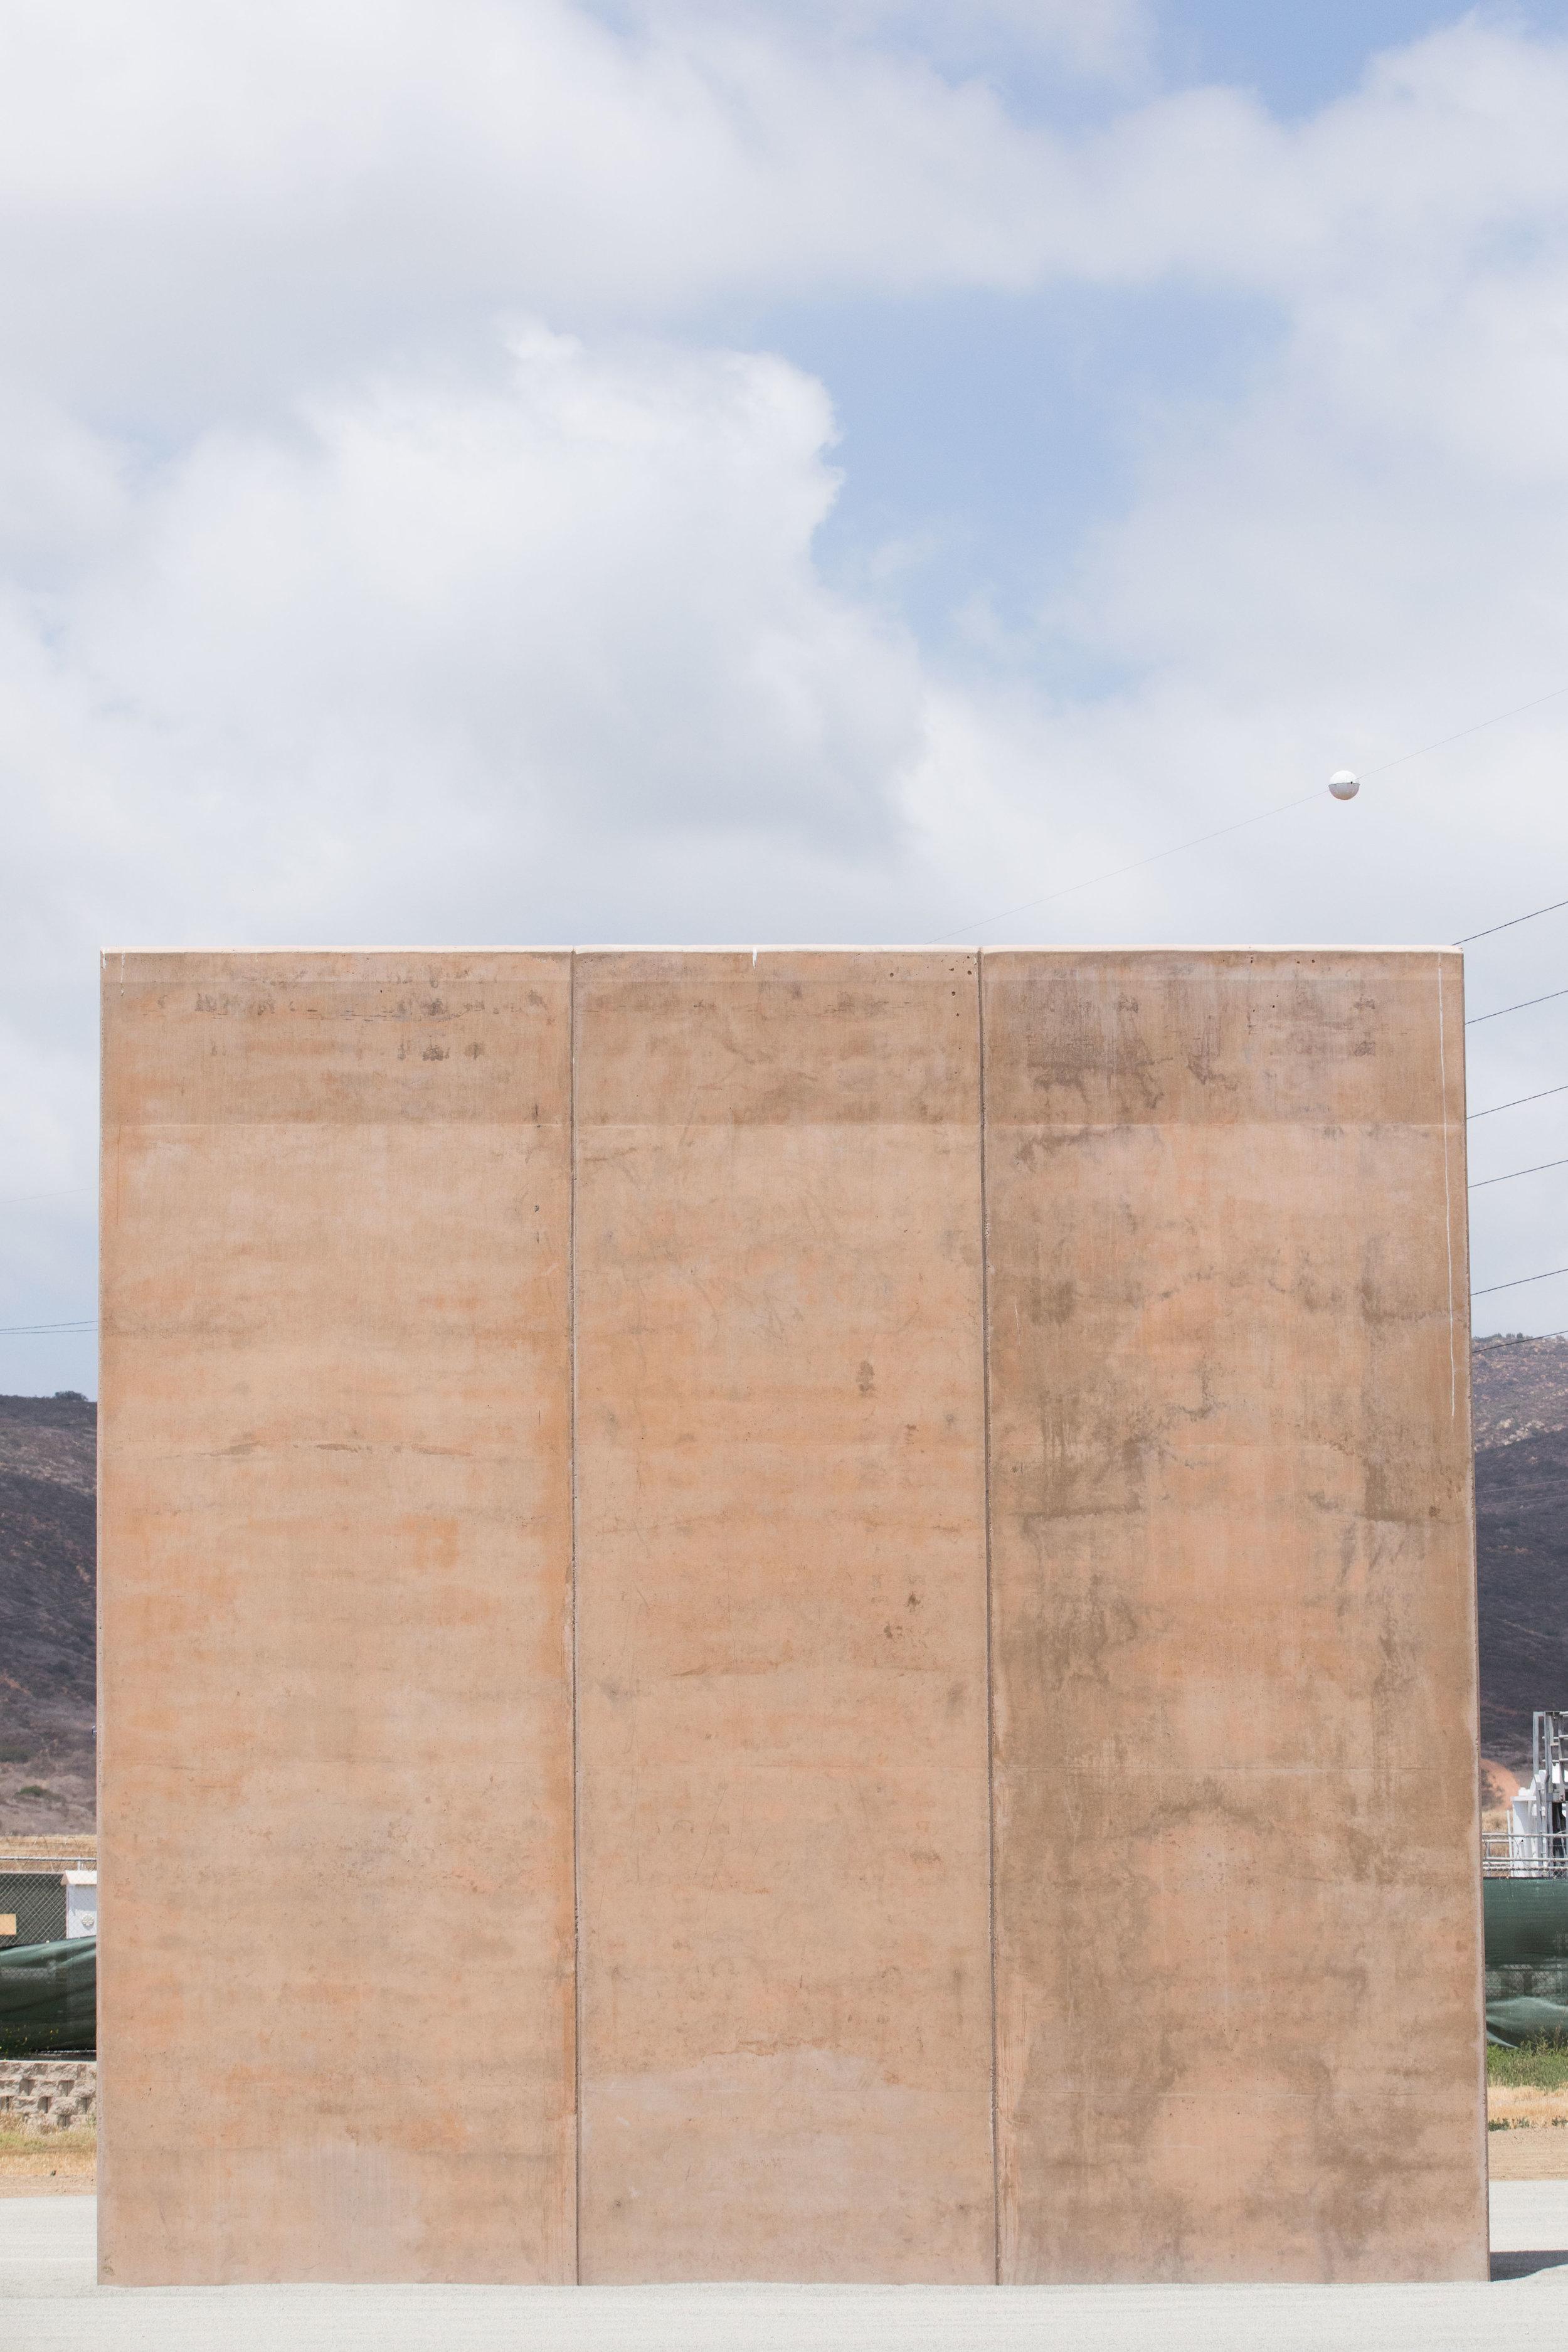 Border Wall Prototypes  (7 of 14).jpg